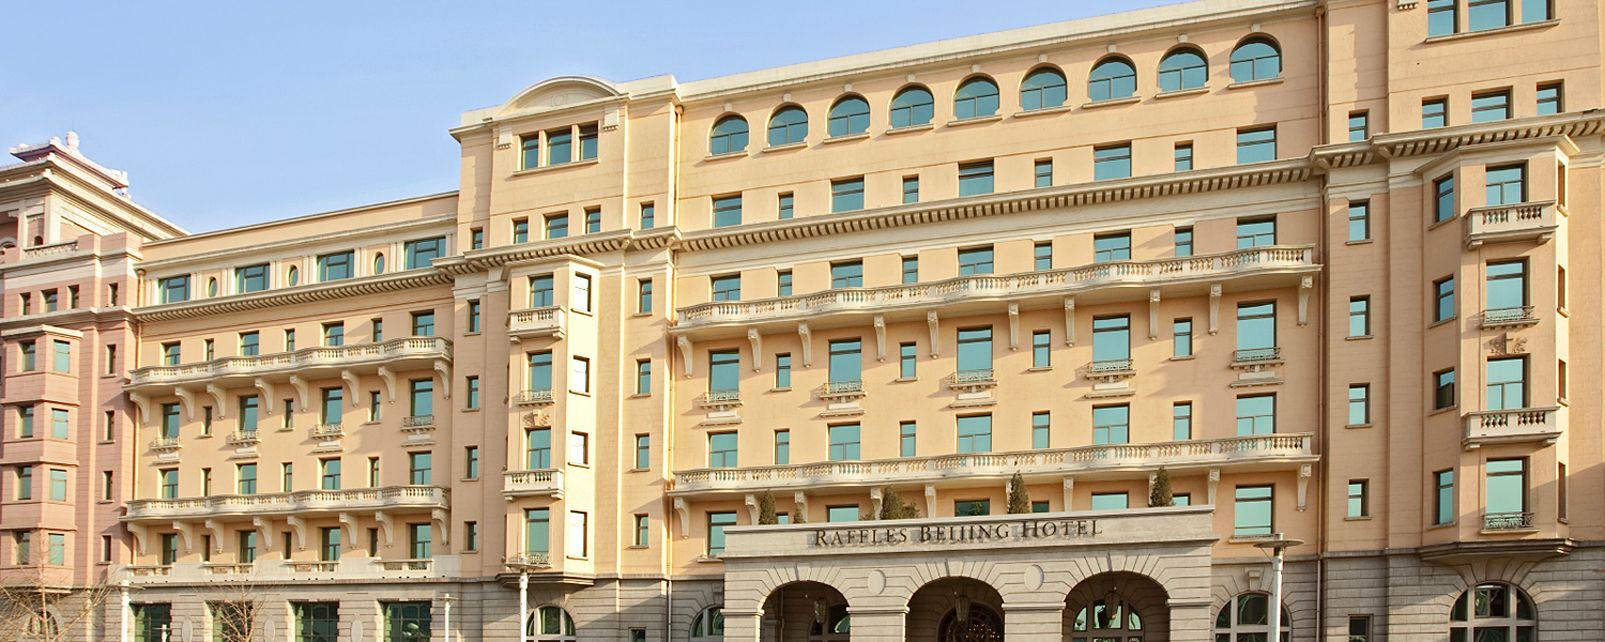 Hôtel Raffles Beijing Hotel